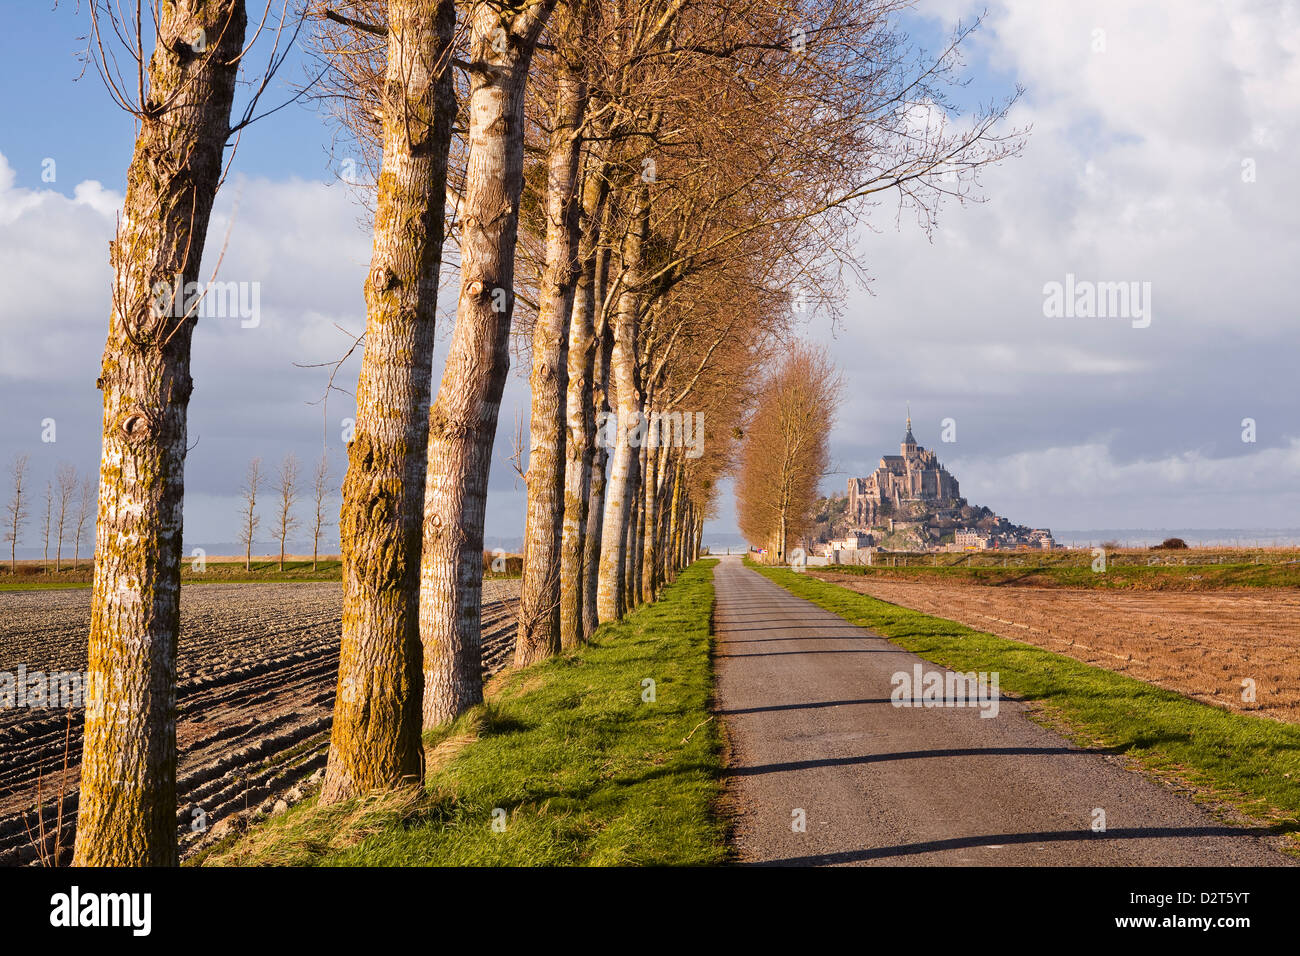 Una avenida arbolada conduce hacia Mont Saint Michel, Patrimonio Mundial de la UNESCO, Normandía, Francia, Europa Foto de stock